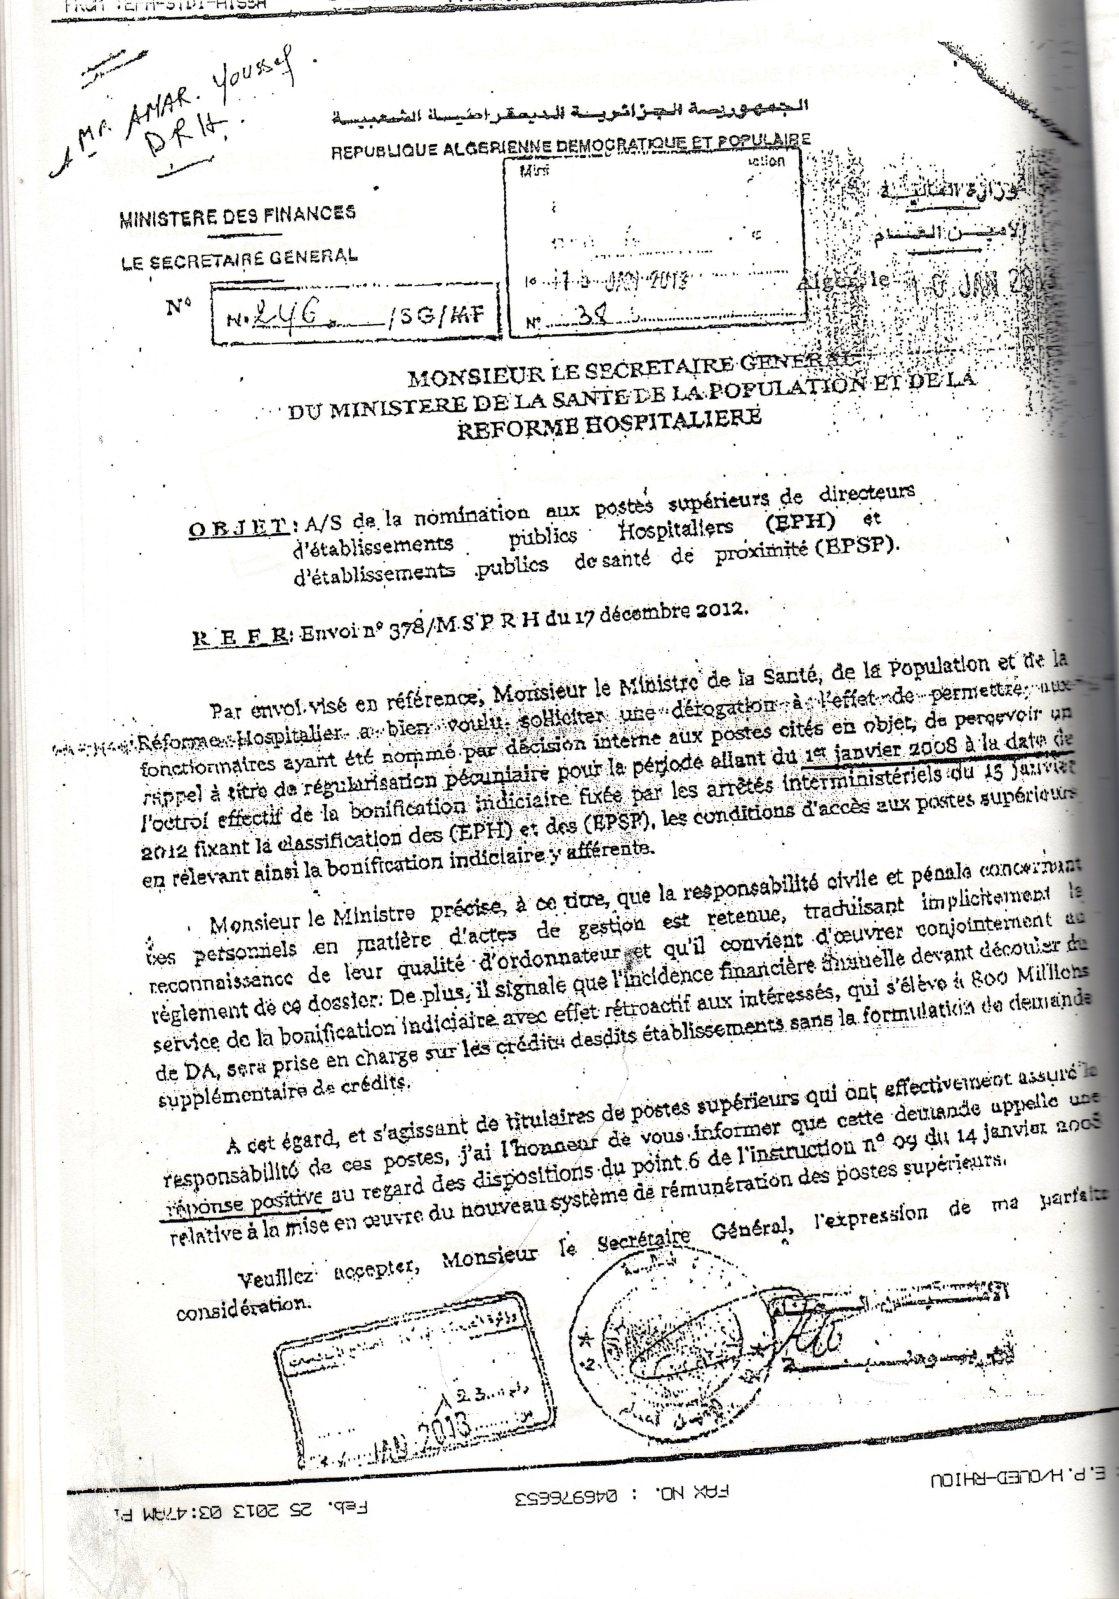 المراسلات الصادرة عن المديرية العامة للميزانية - صفحة 2 Kdshh1